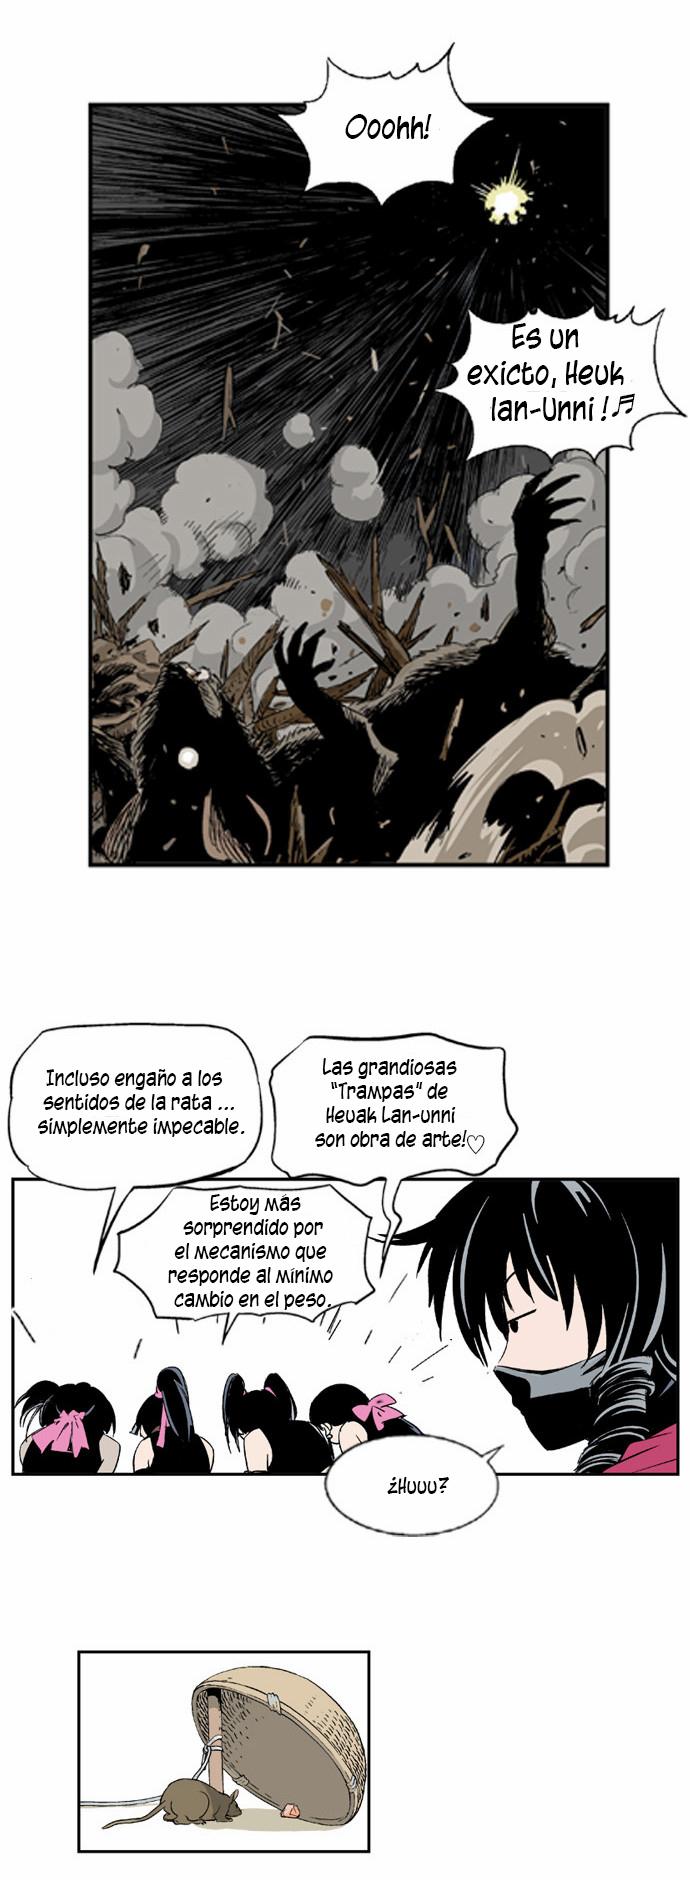 https://c5.ninemanga.com/es_manga/9/18249/431702/37b1fe960daba91fffadbdb5a3a9db15.jpg Page 4